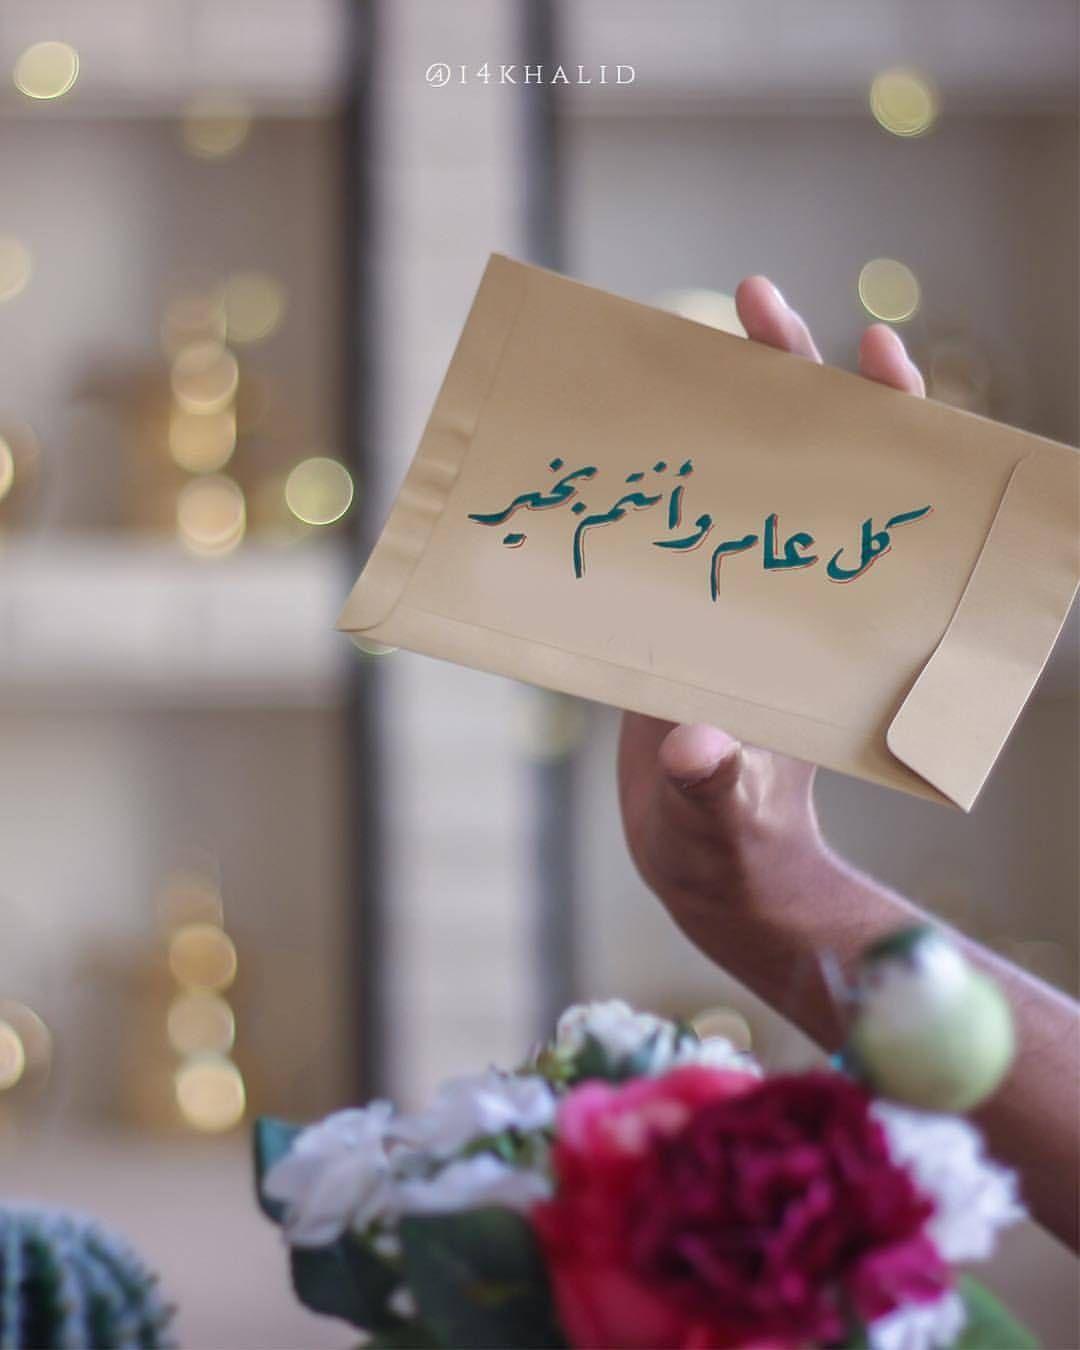 ونبدأ صور العيد كل عام وأنتم ومن تحبون بخير مقدما الأولوية في النشر لصور العيد ㅤ ㅤ By I4khalid ㅤ 1 لترشيحه Eid Cards Eid Greetings Ramadan Decorations